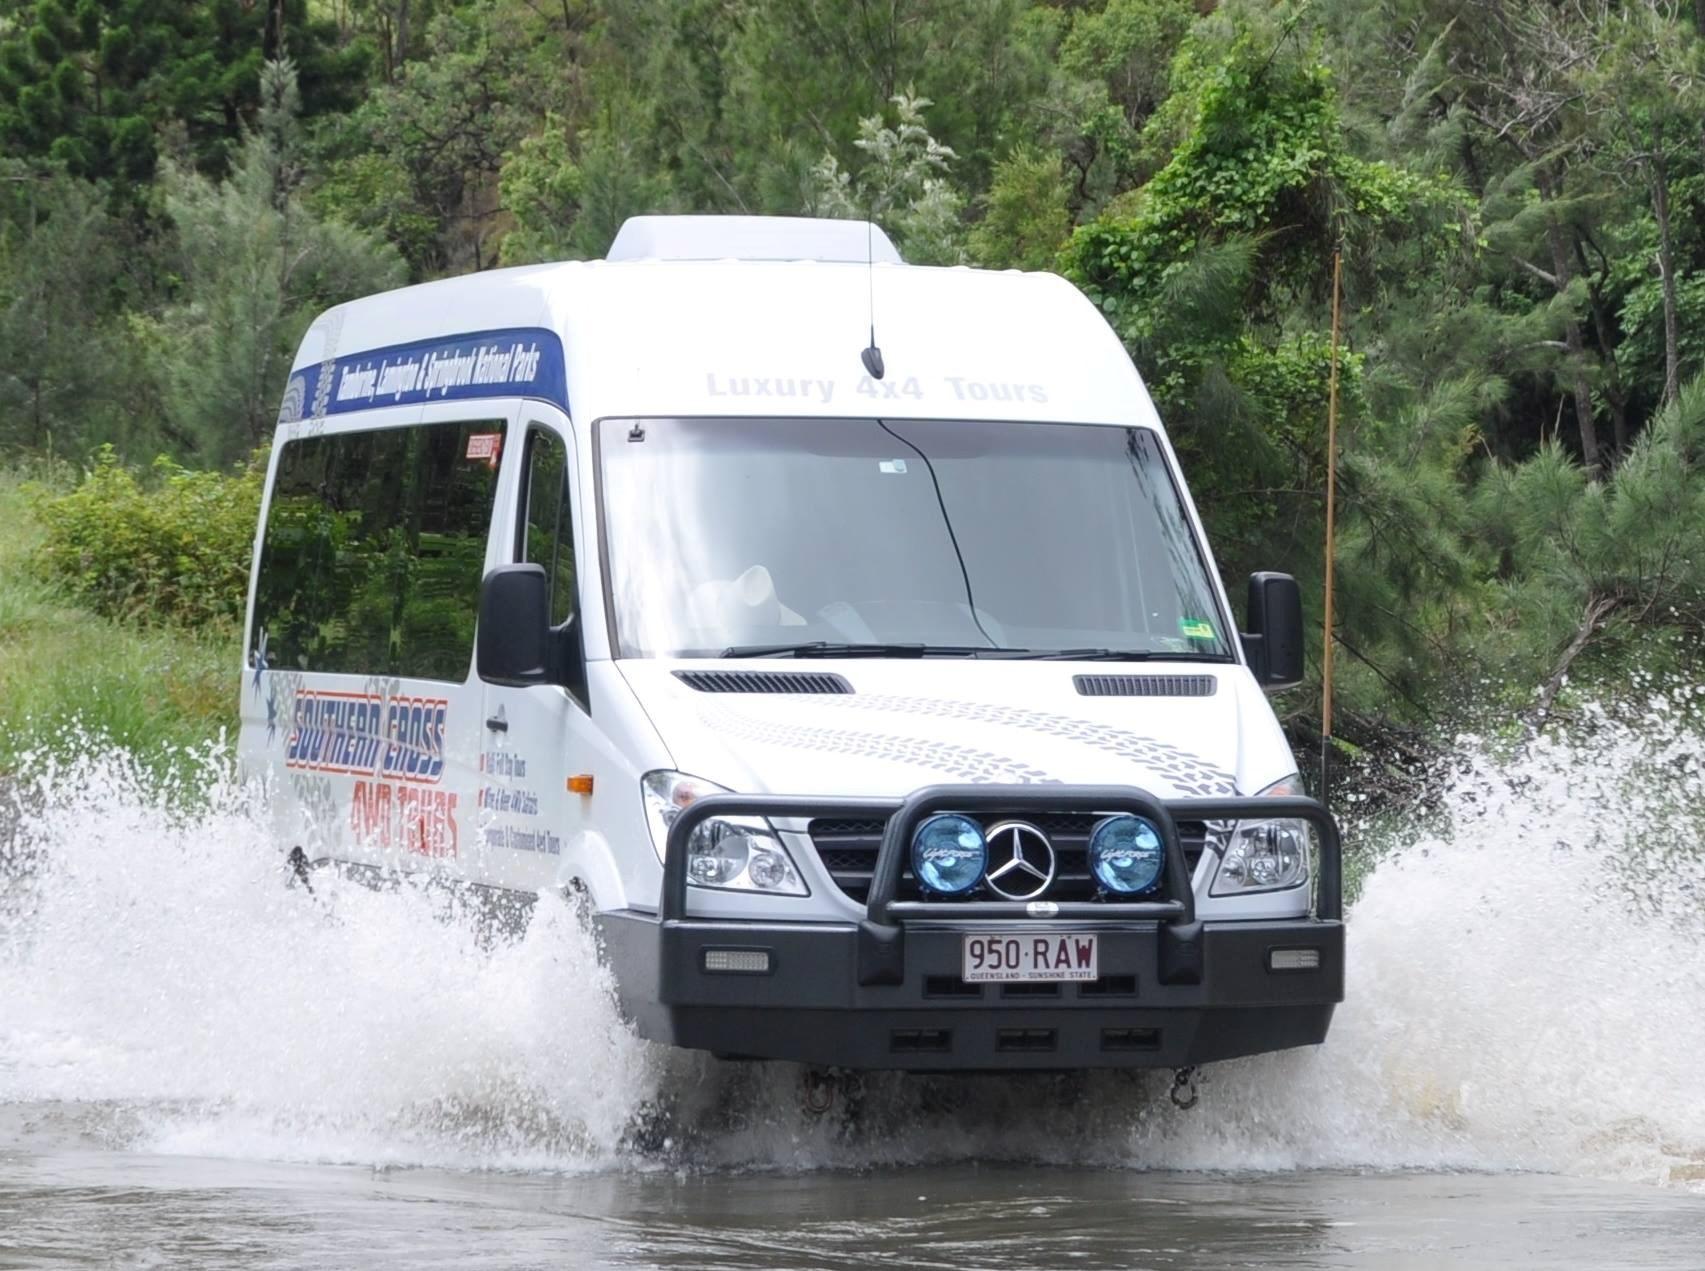 Tour tham quan núi Tamborine vào buổi tối bằng xe 4WD